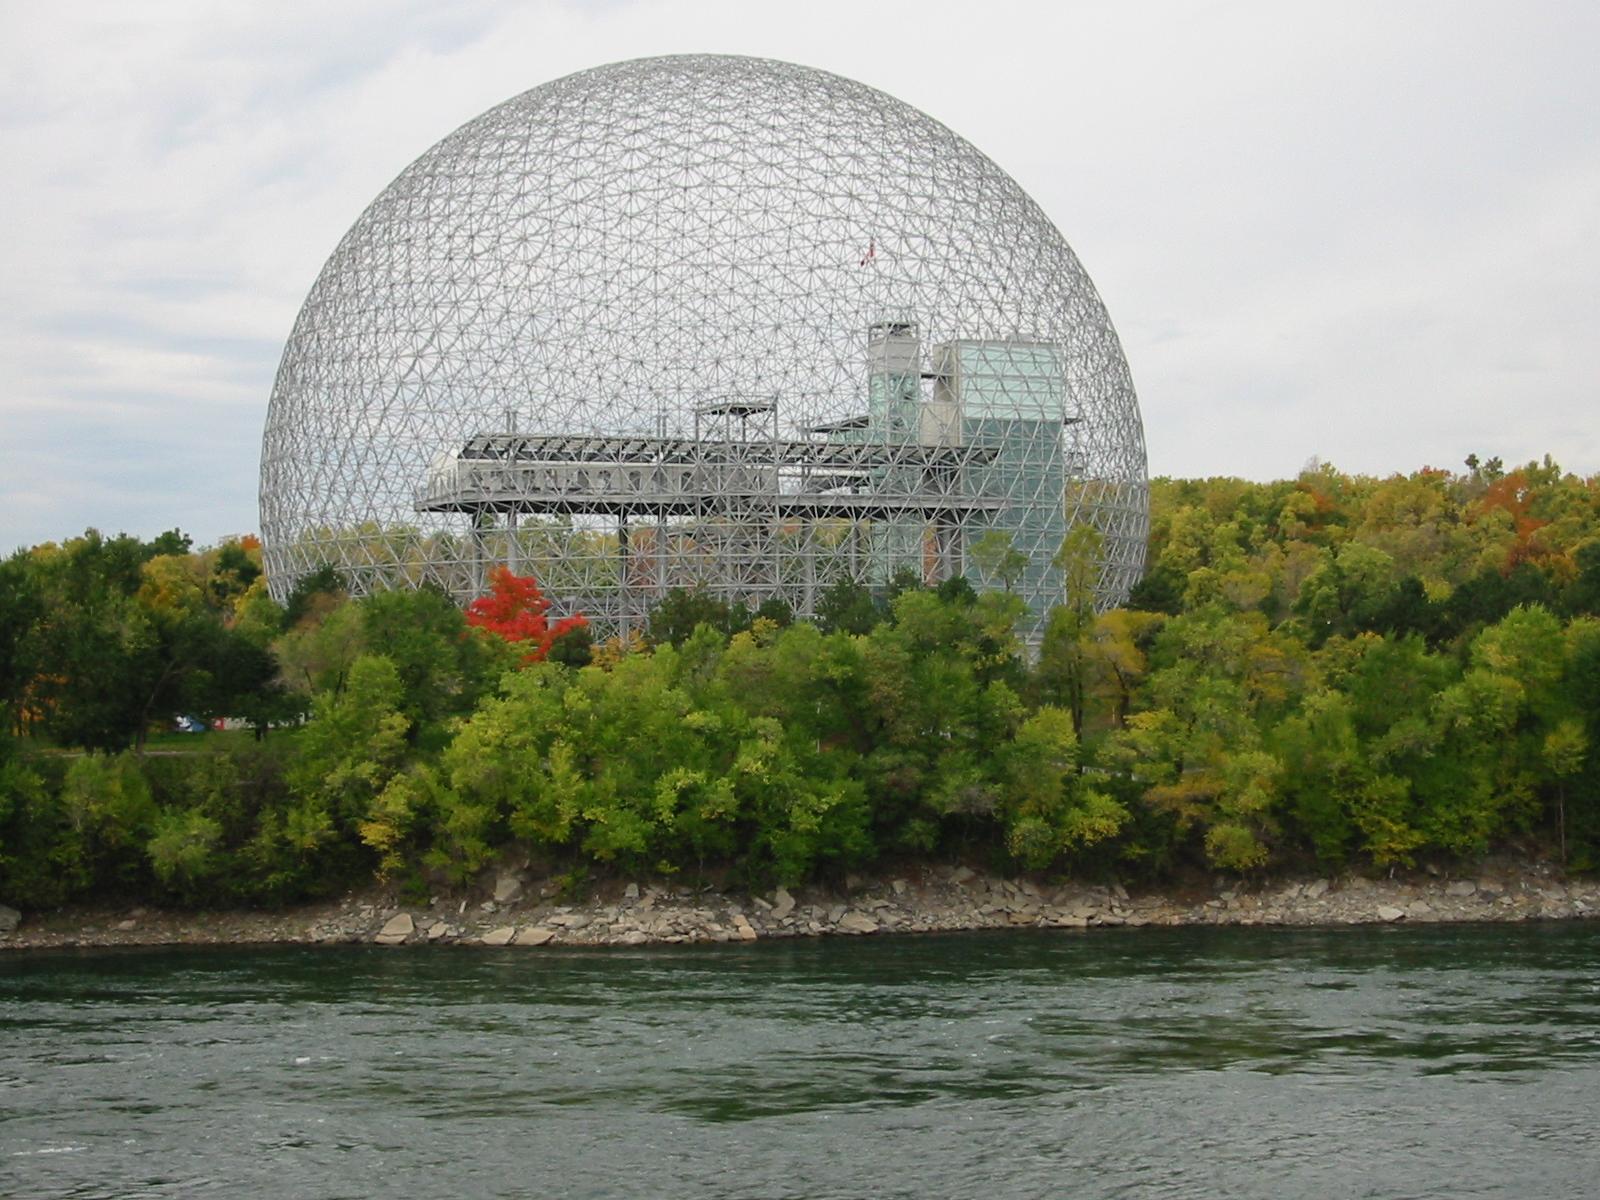 Buckminster Fuller Architecture